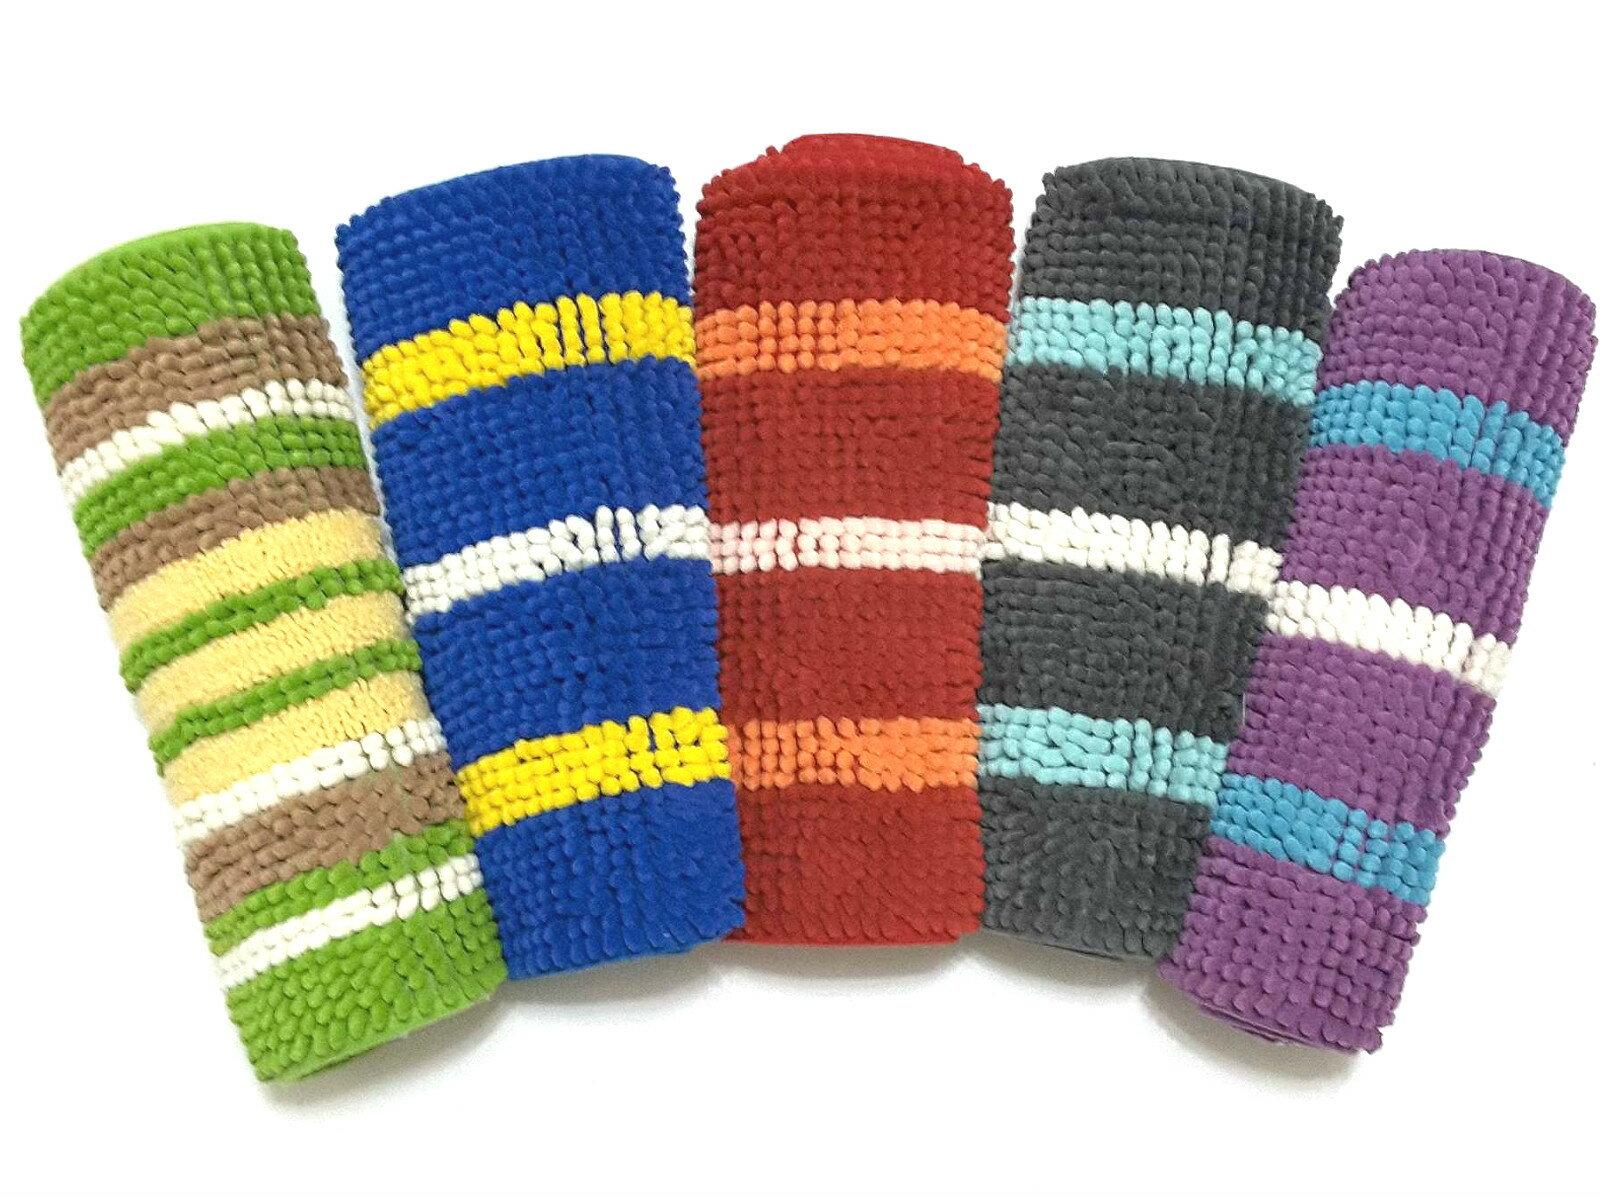 La maison生活小舖《超吸水止滑繽紛色彩雪尼爾腳踏墊》吸水防滑效果佳 柔順觸感 共有5款顏色 地墊/軟墊/腳踏墊/止滑墊/吸水墊/軟毛墊